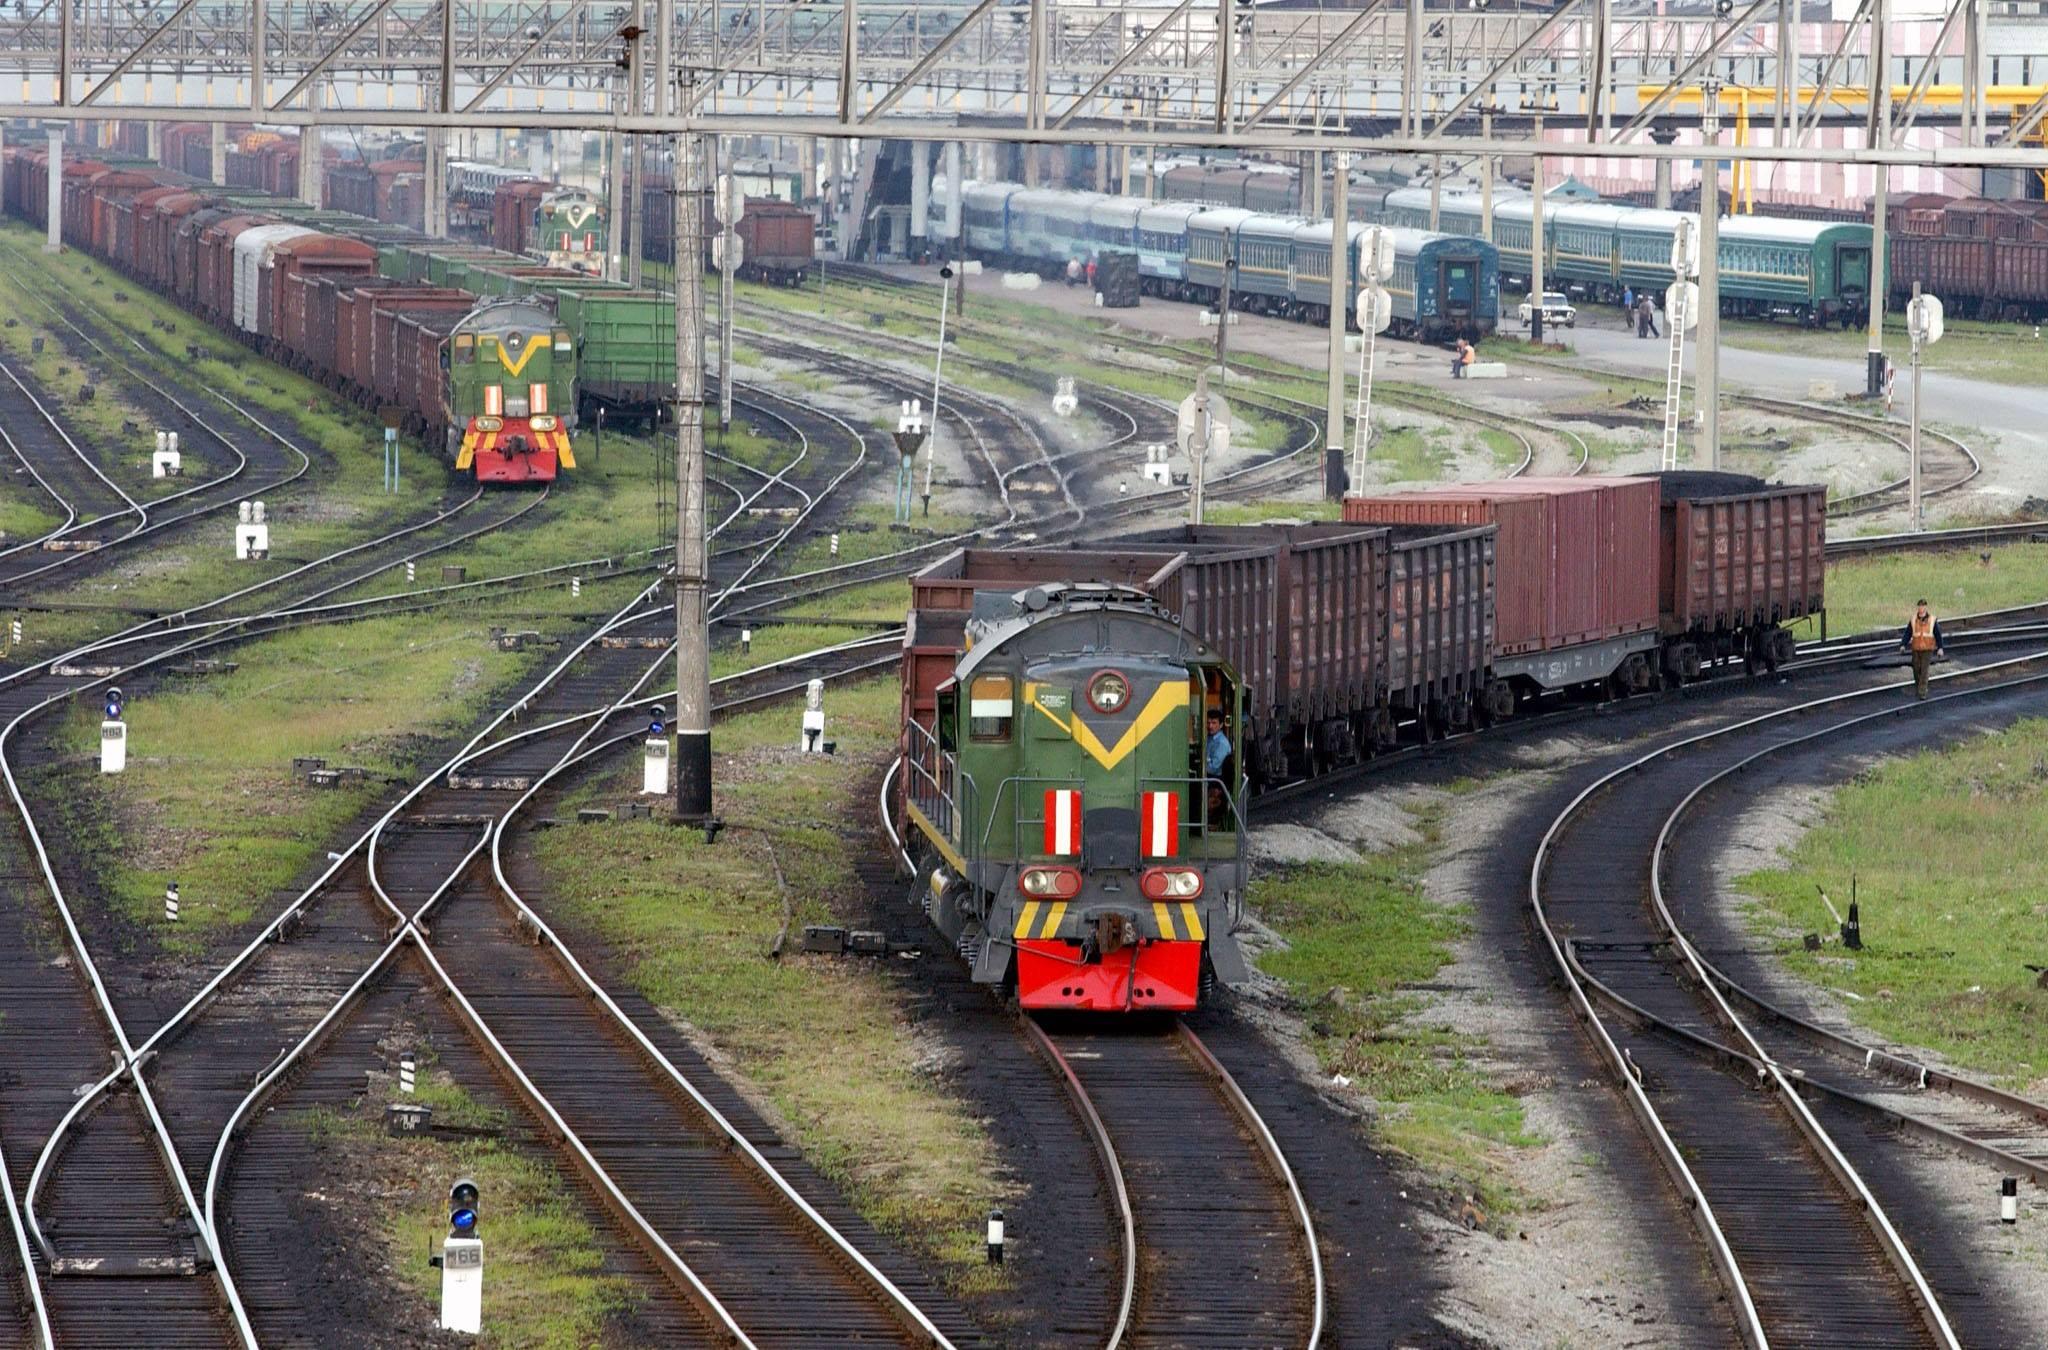 ロシアの輸送インフラについて